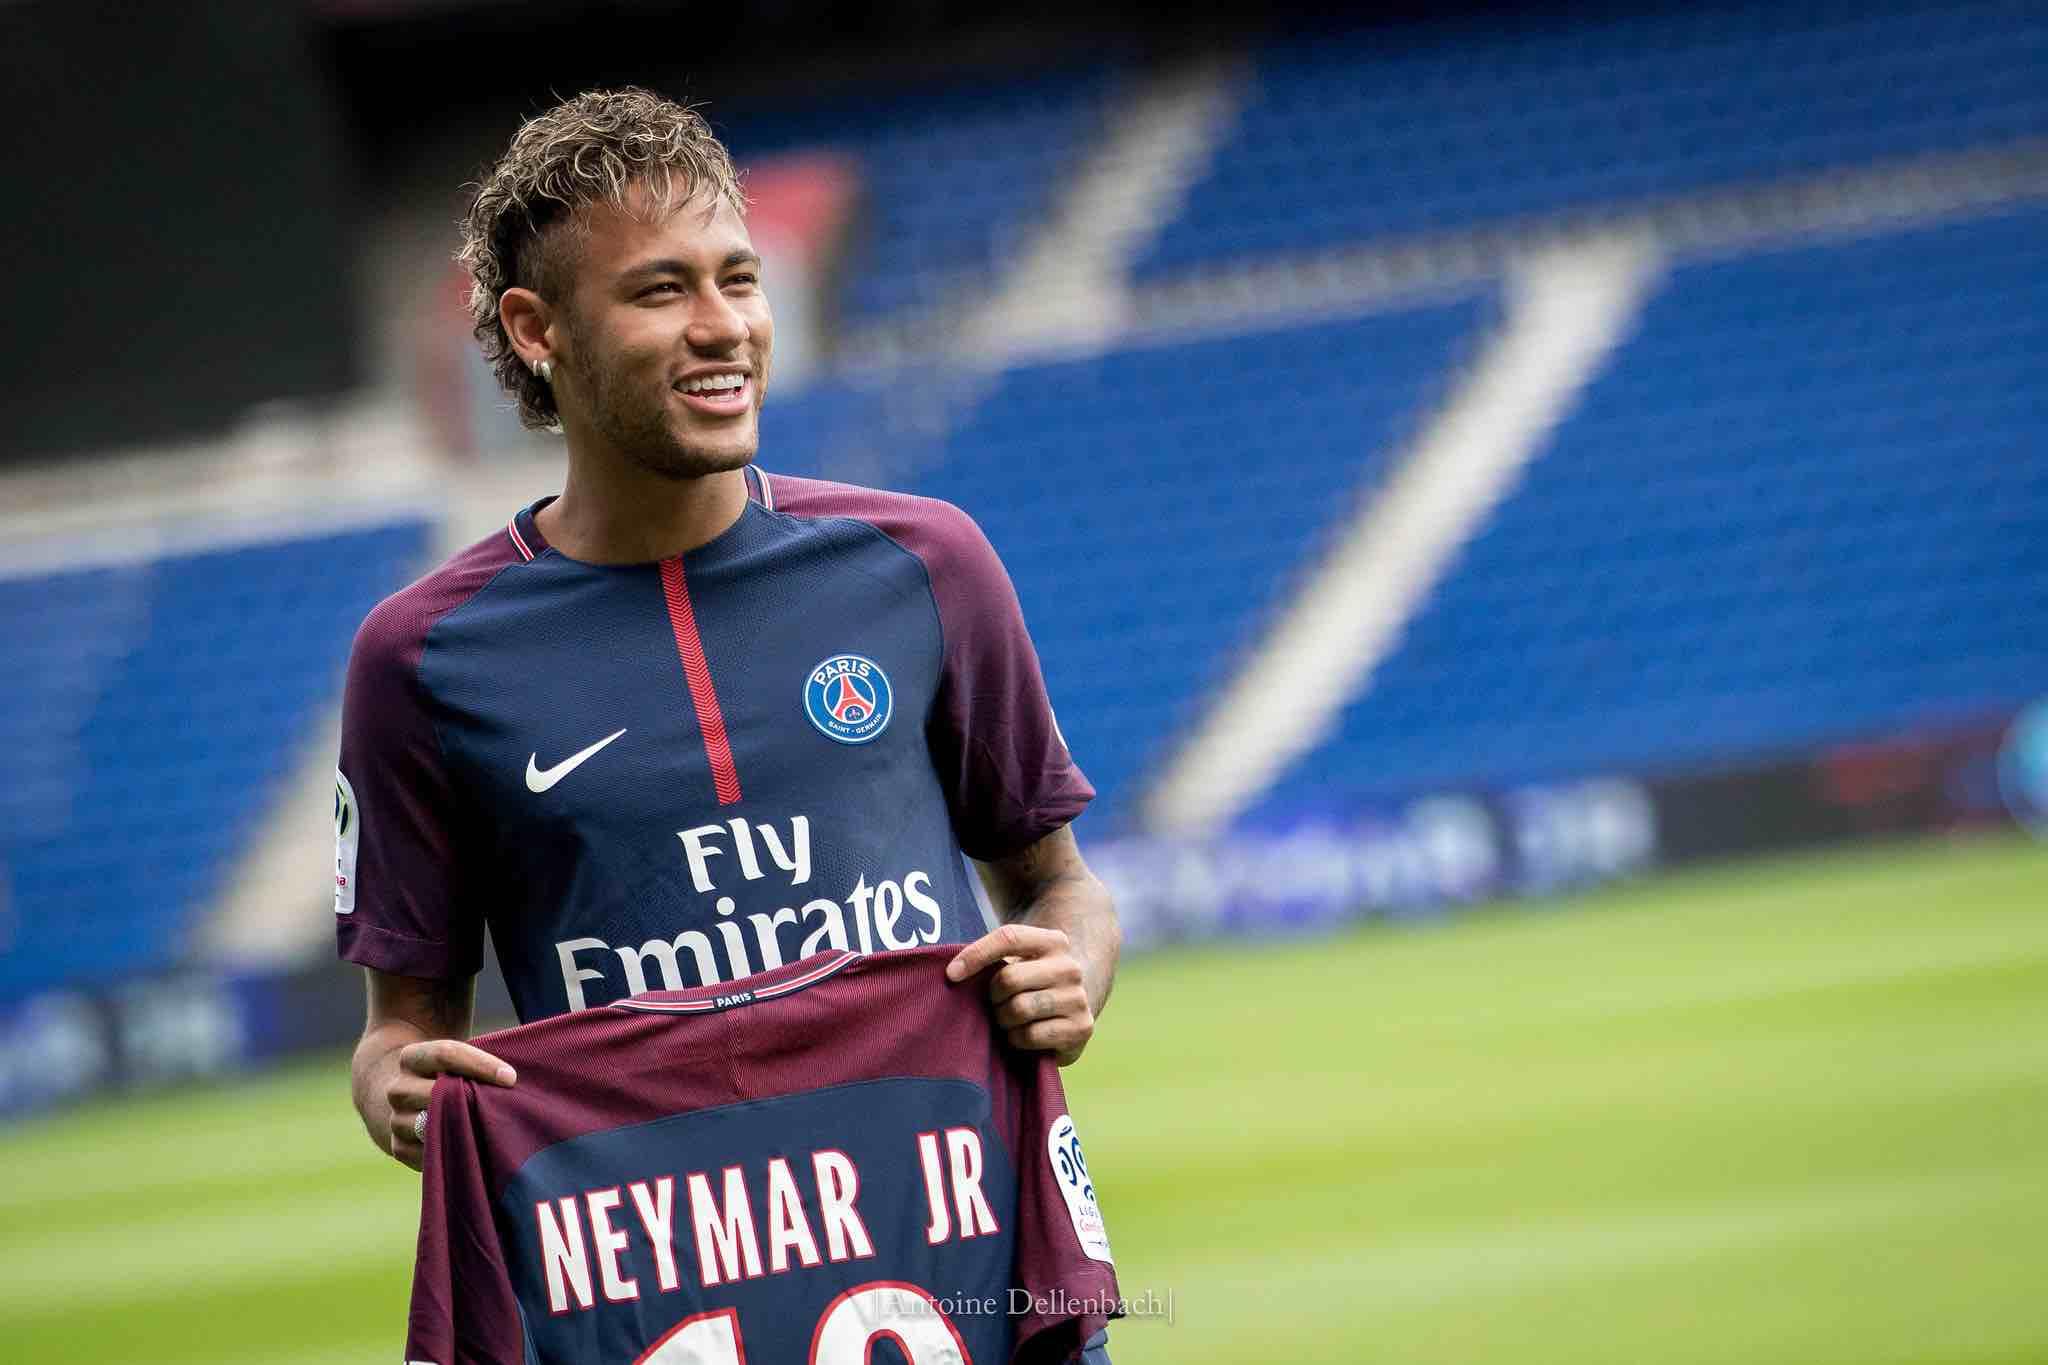 Neymar Jr.: El segundo en el ranking de los futbolistas más valiosos del mundo en 2019